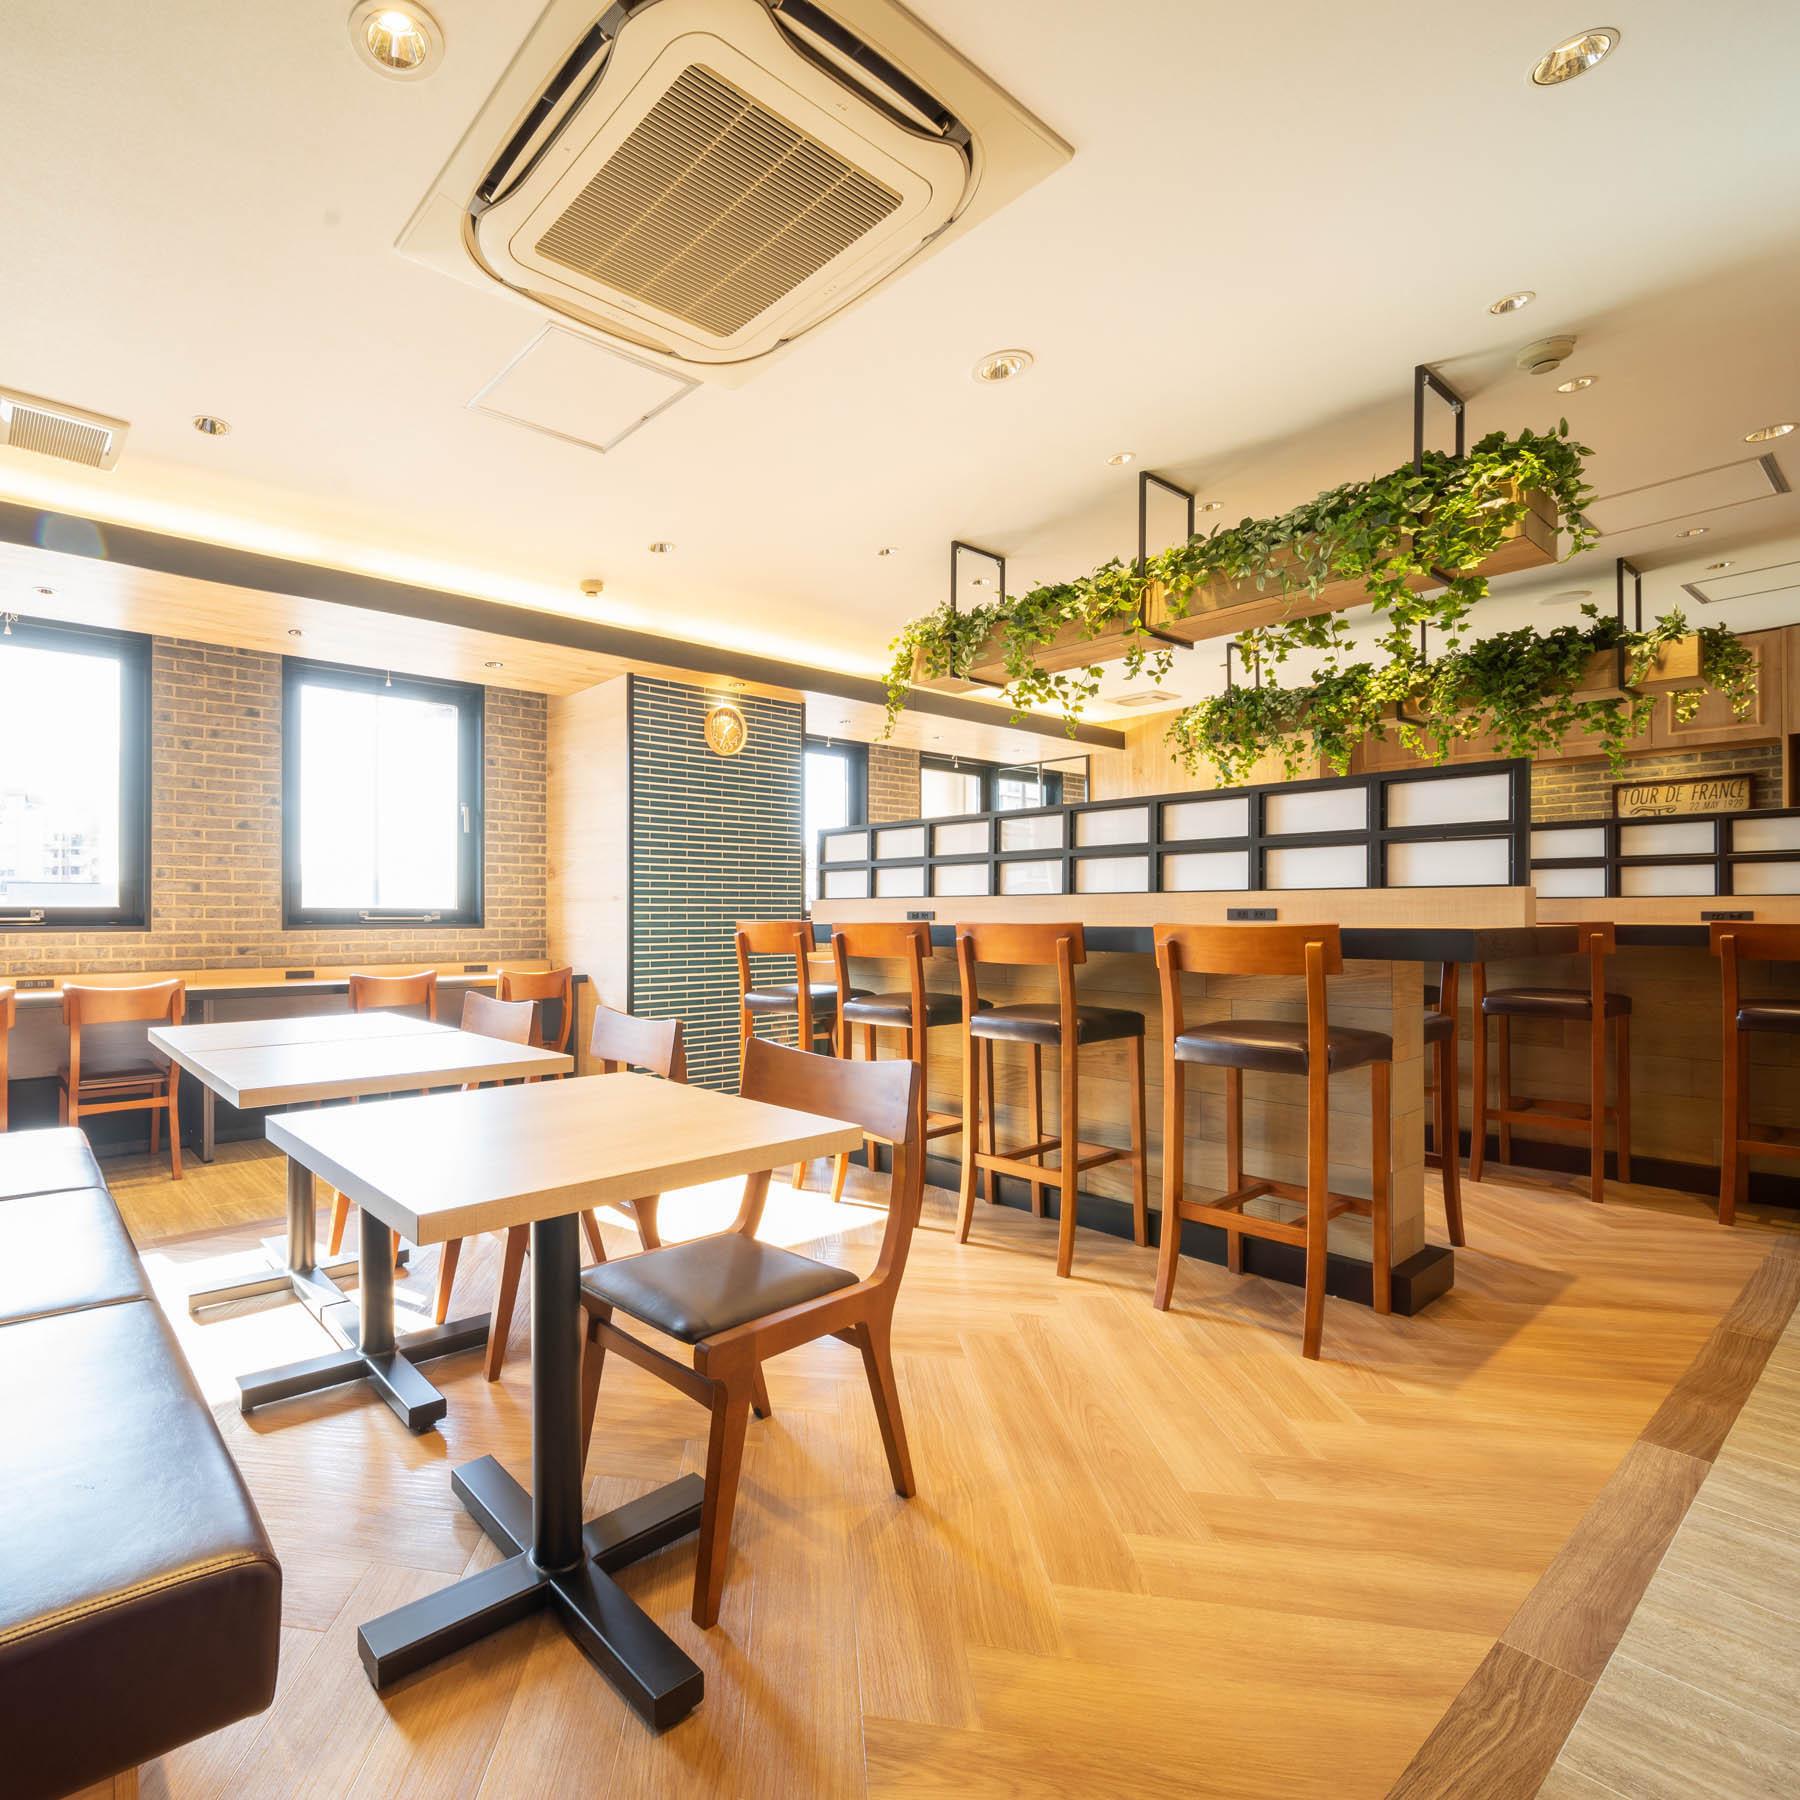 朝食会場もフルリニューアル♪天然素材や木目調のデザインでおしゃれ♪